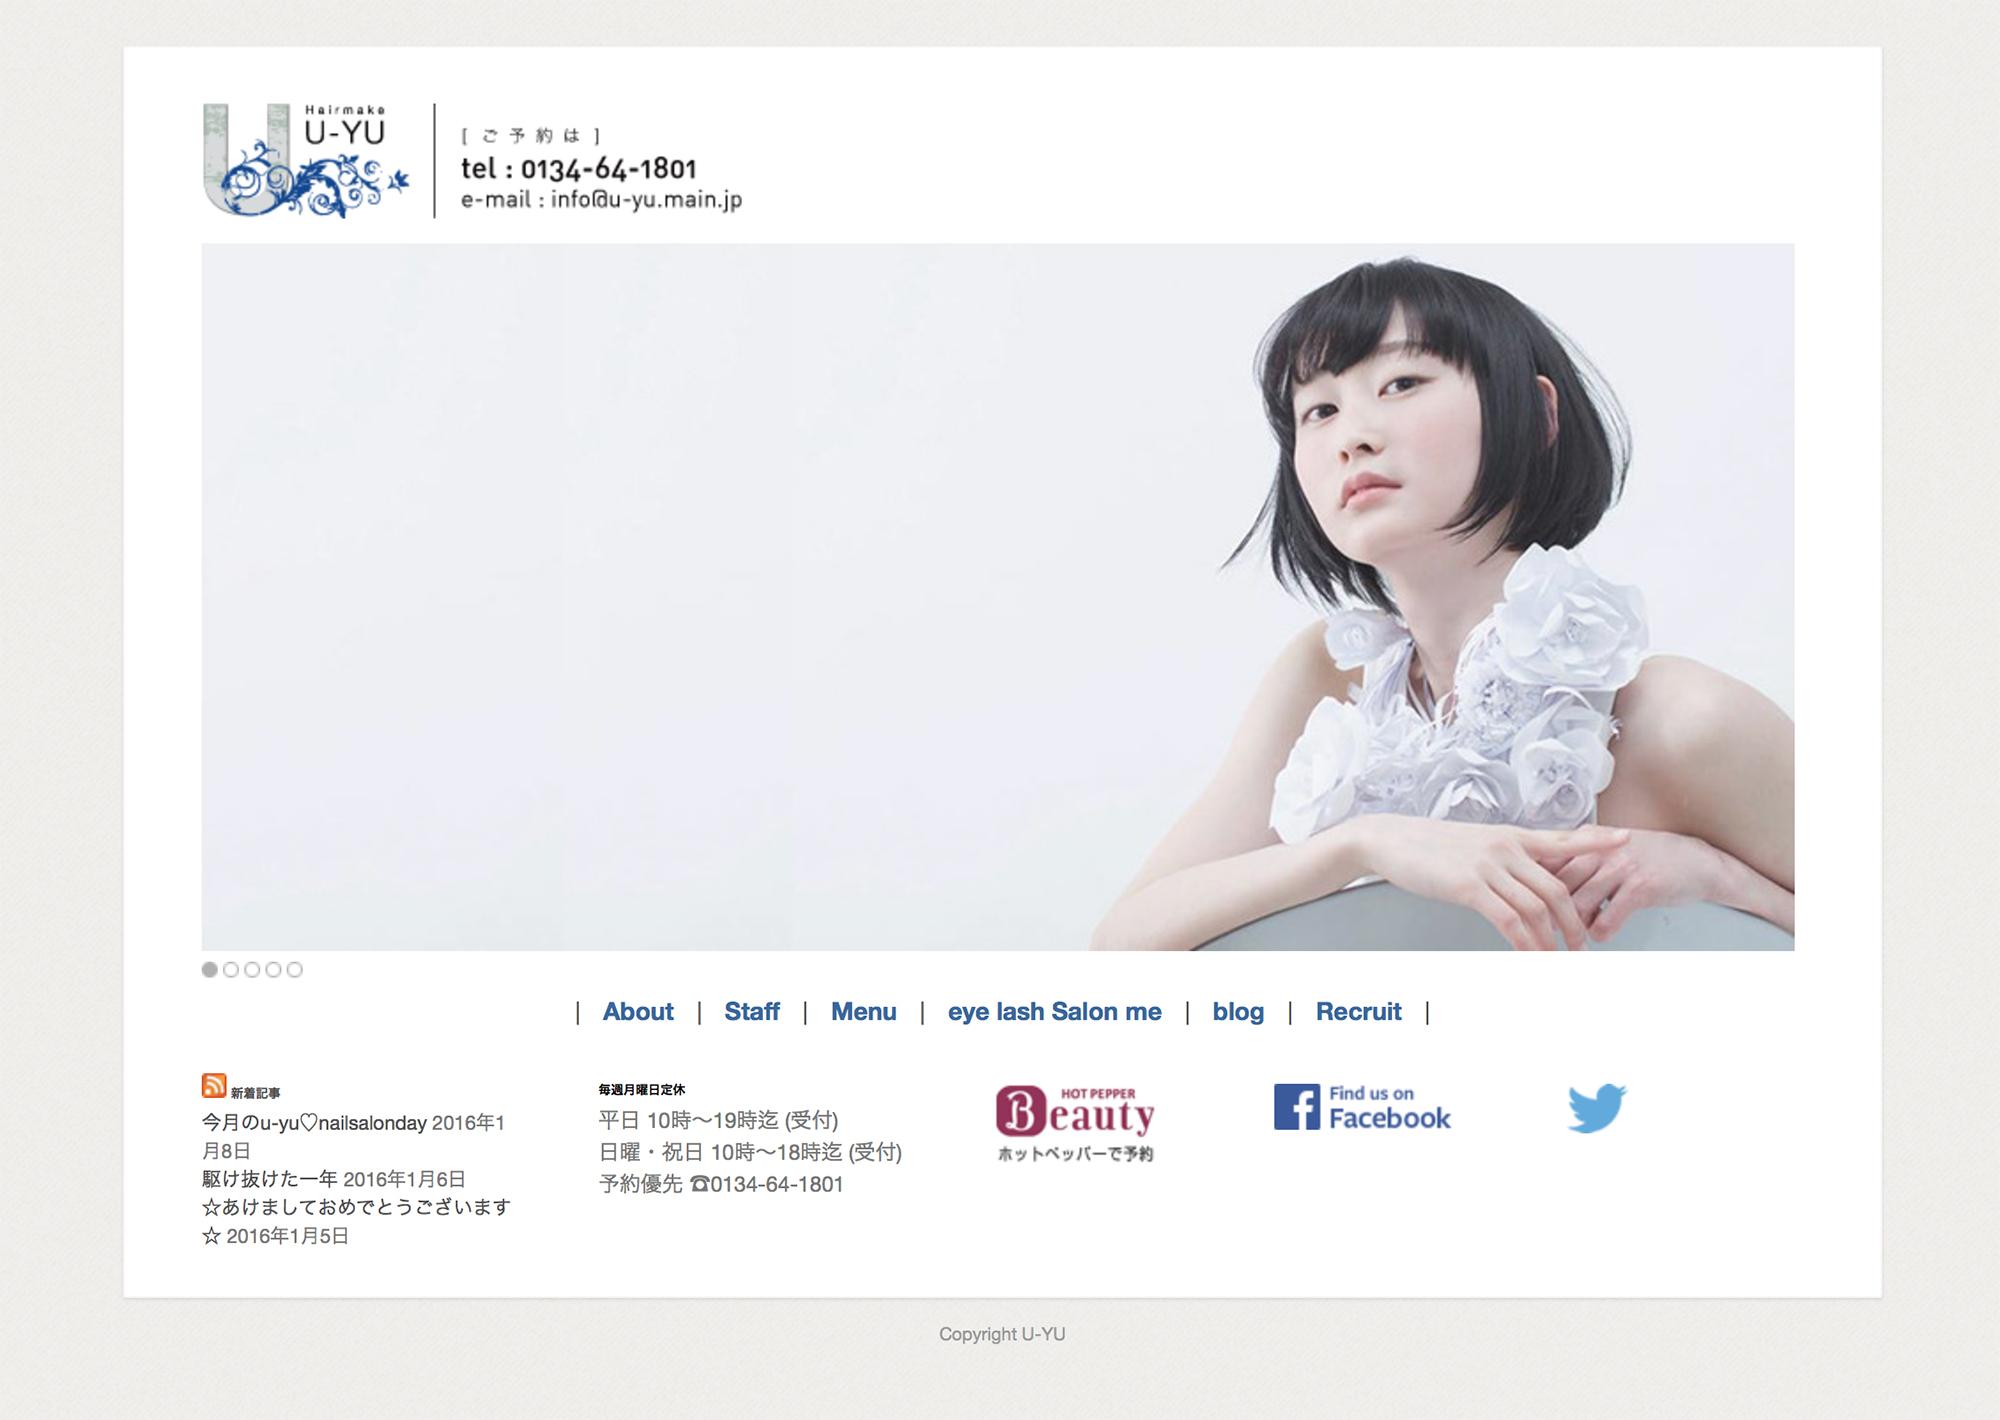 u-yu_web